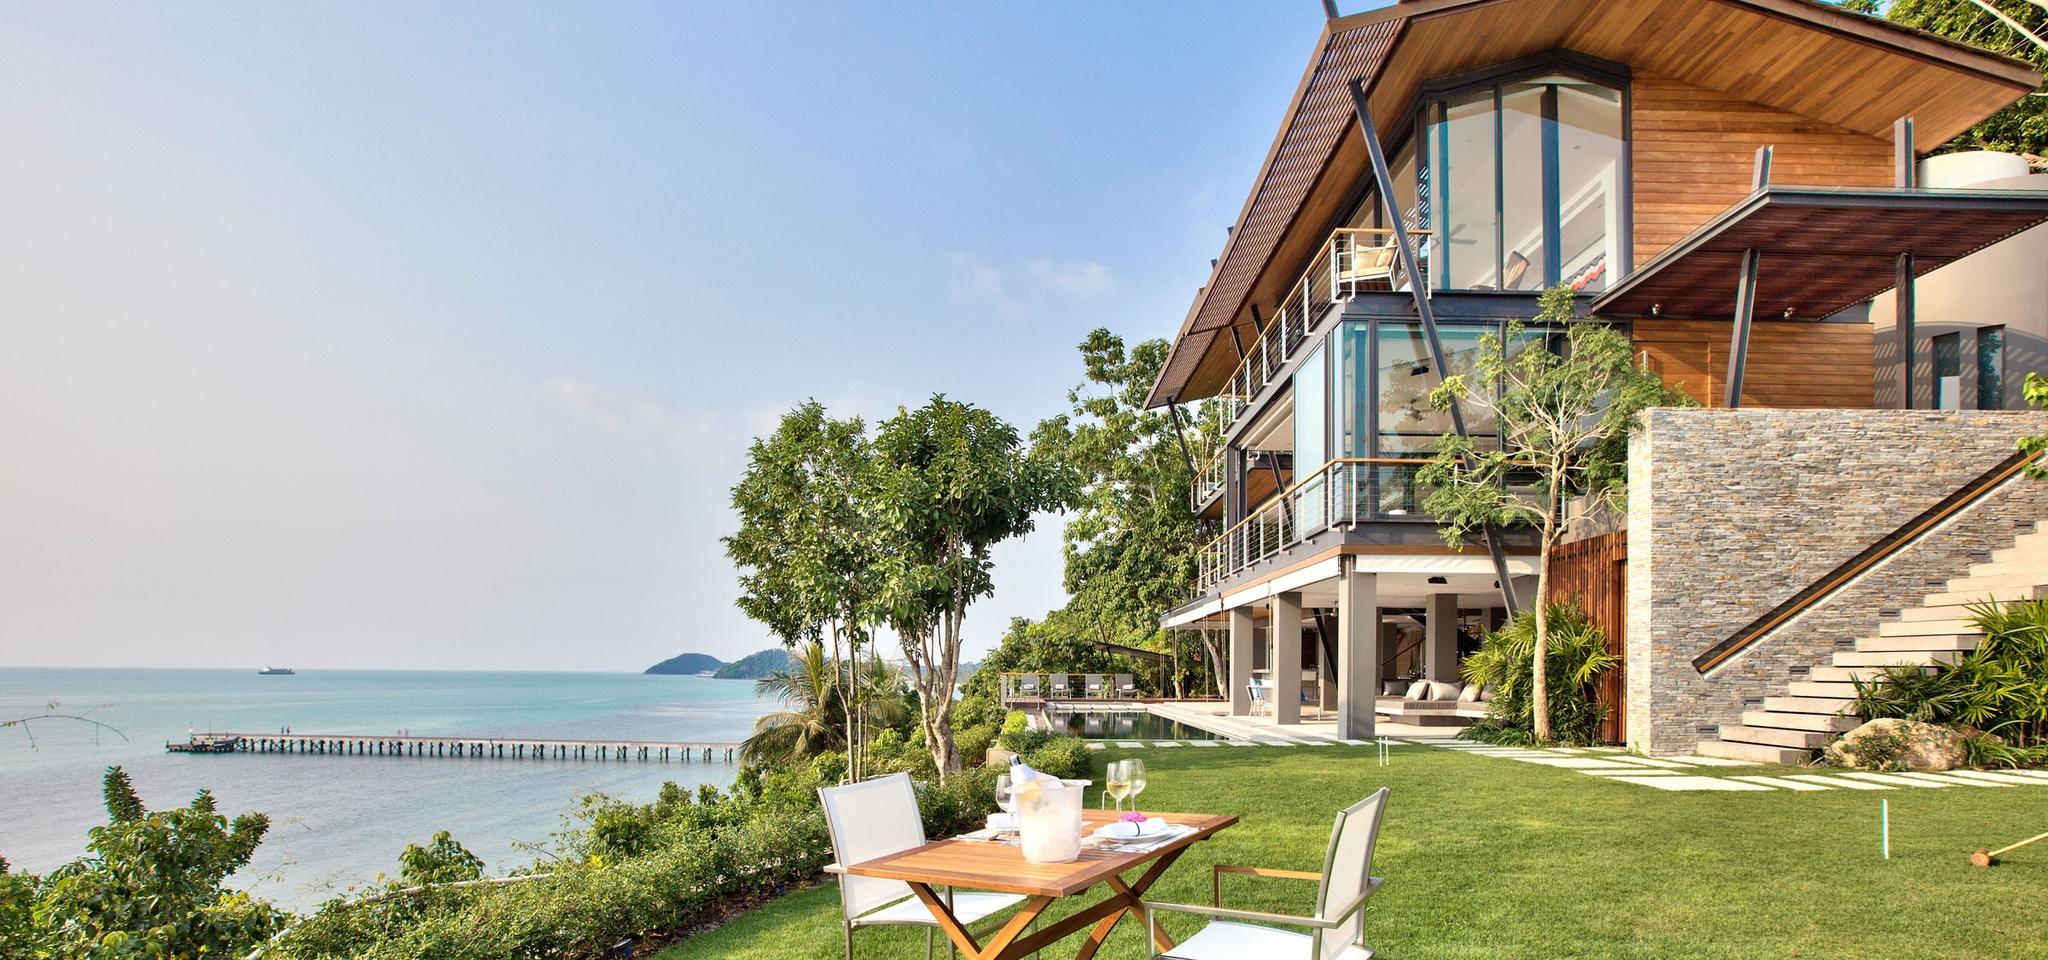 cliffside ocean view luxury villa in thailand